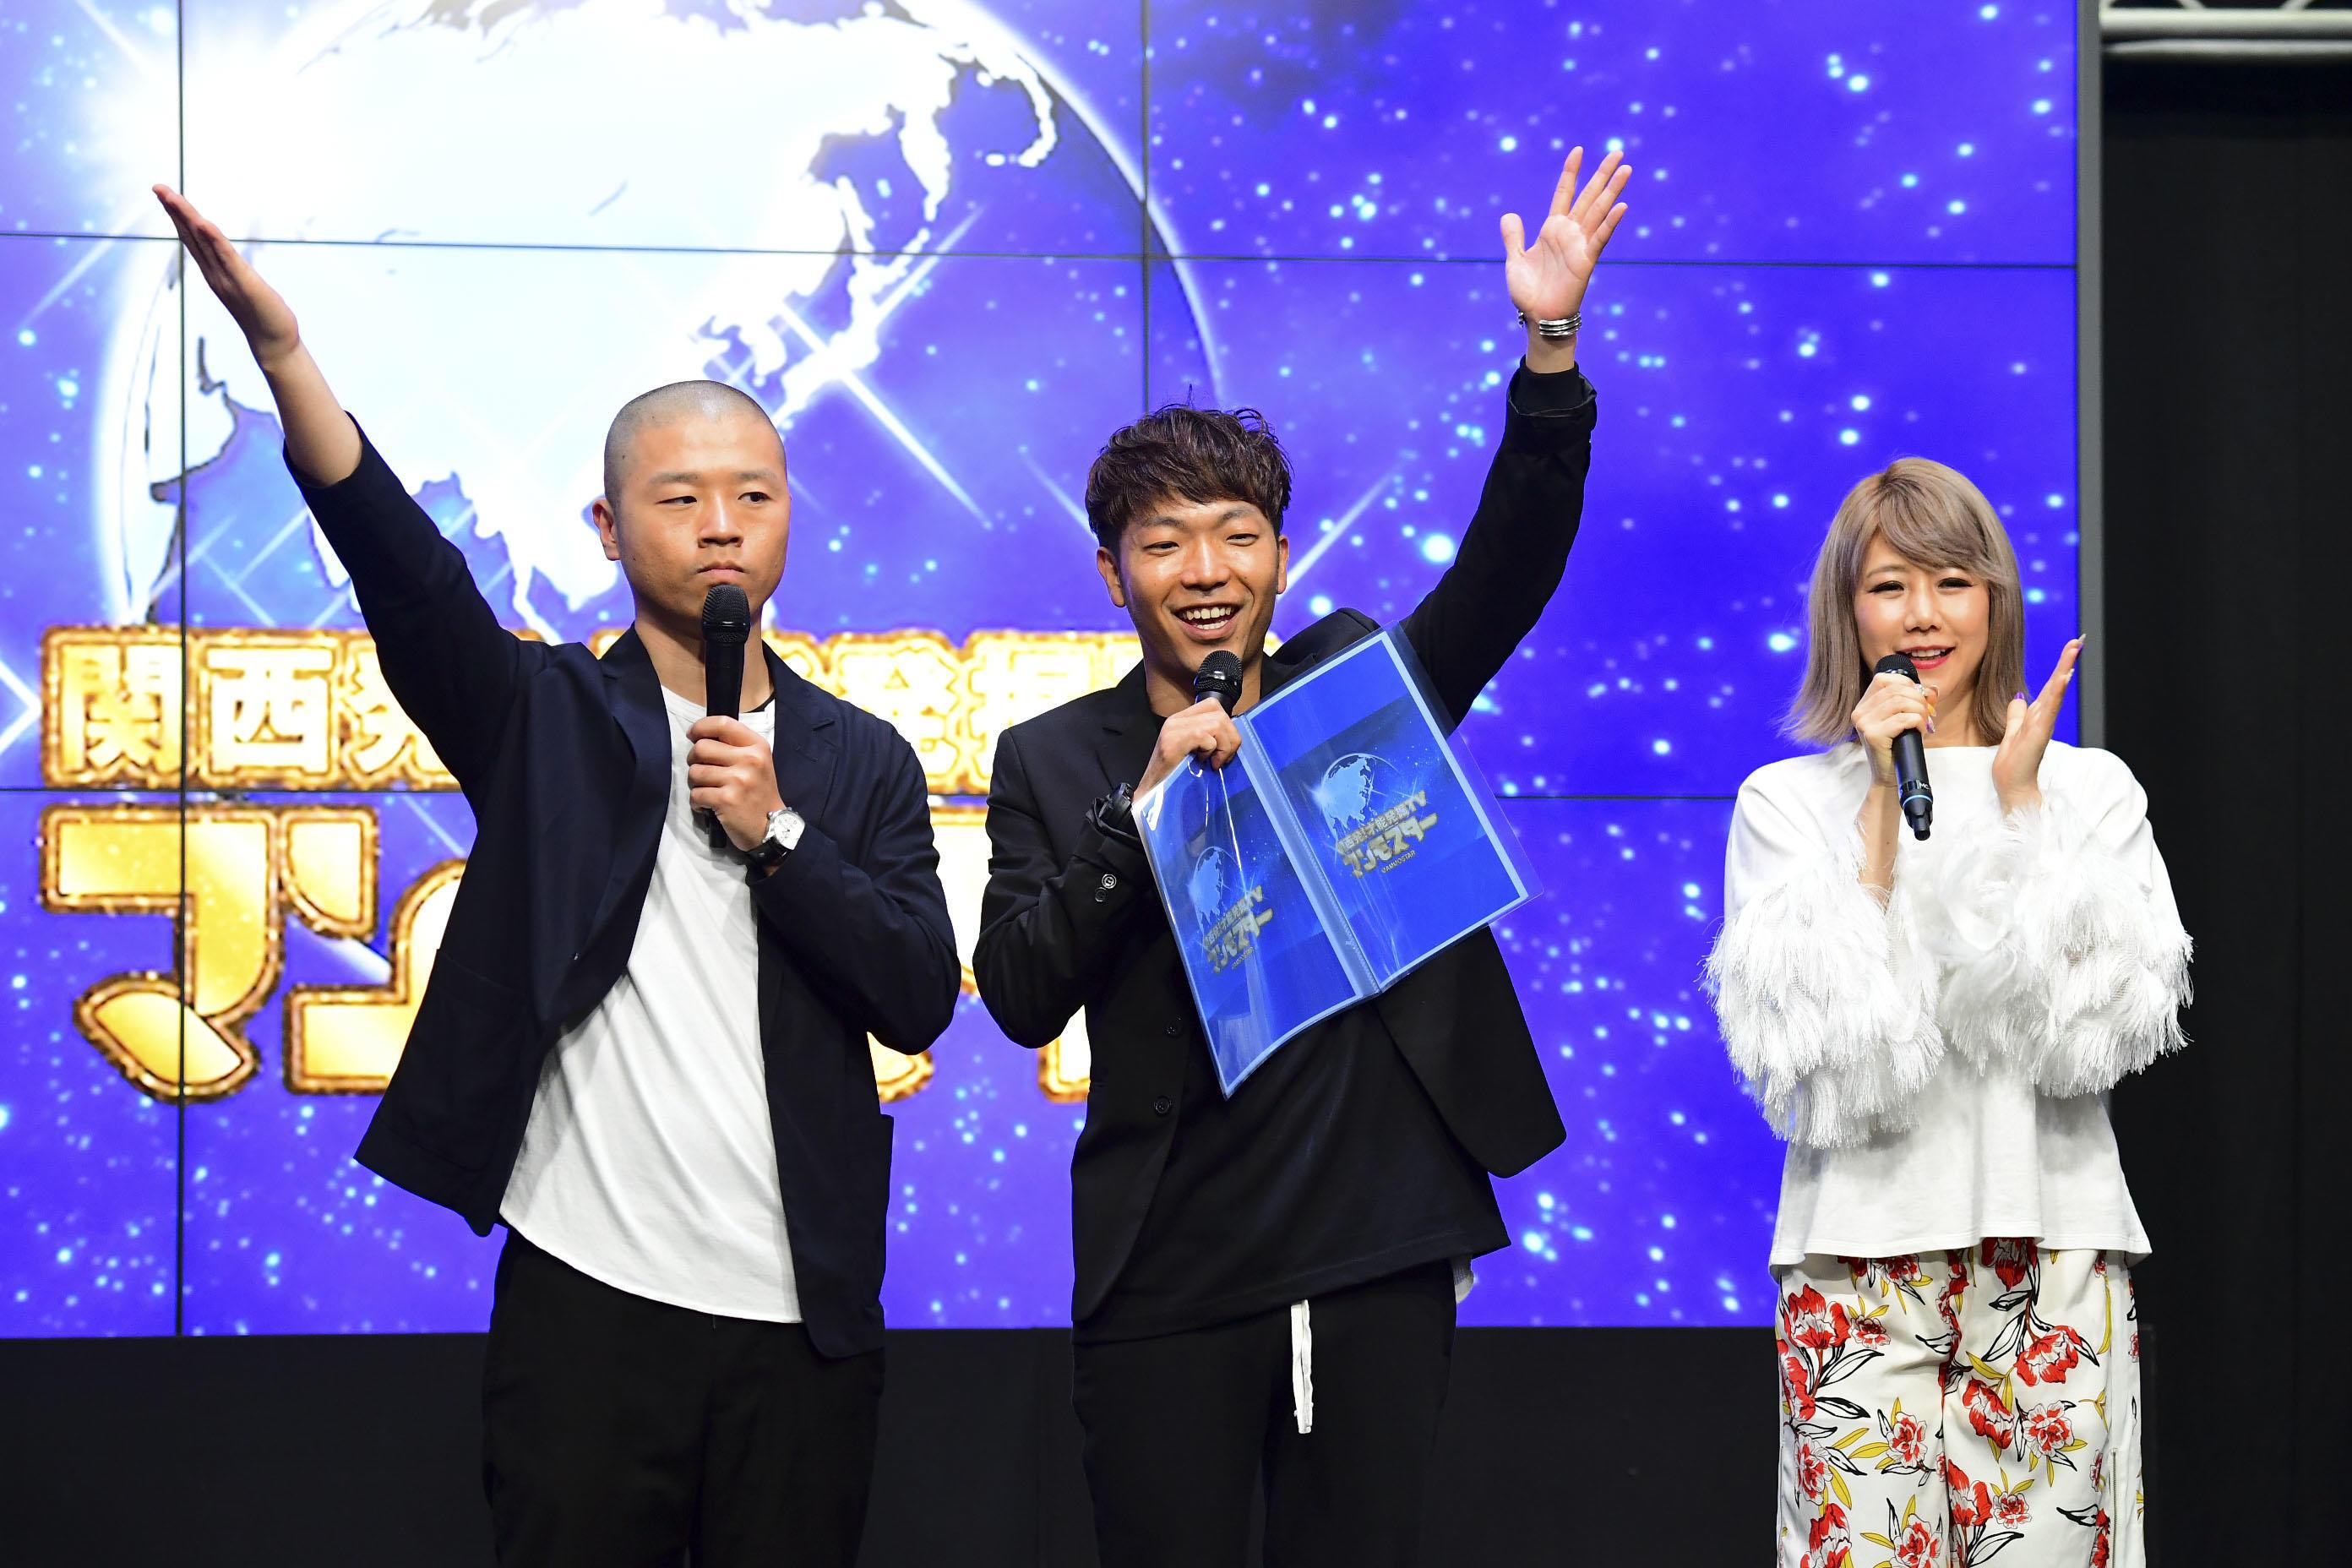 http://news.yoshimoto.co.jp/20170924093418-df0c88bdee5d6b586c9fb2690c177e43af30250d.jpg